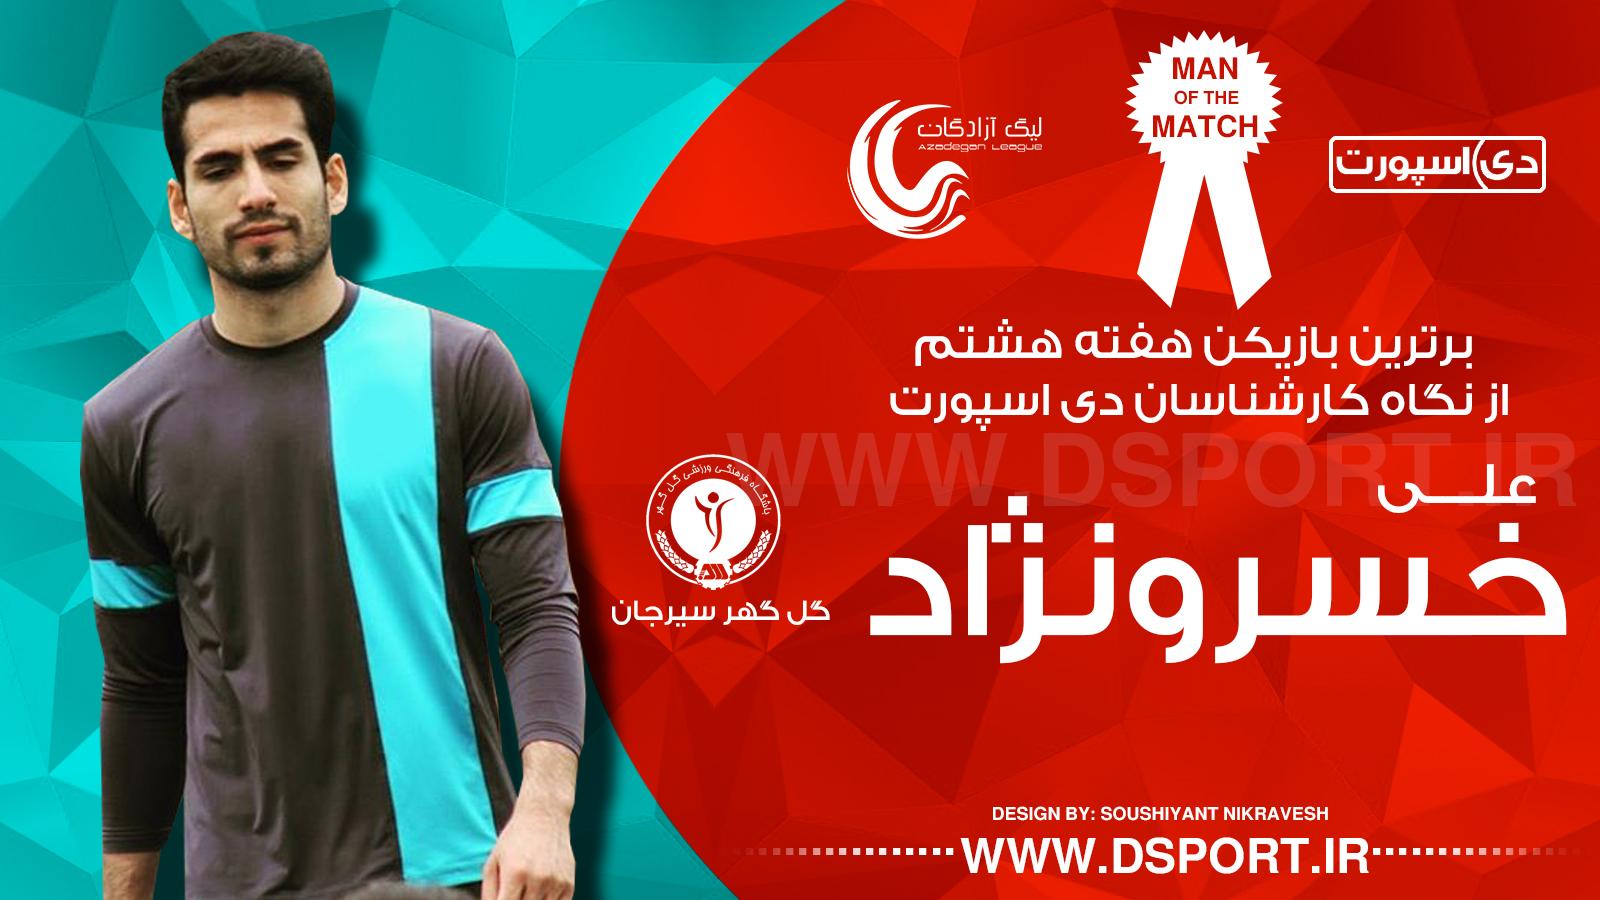 علی خسرونژاد بهترین بازیکن دیدار فجرسپاسی - گل گهرسیرجان